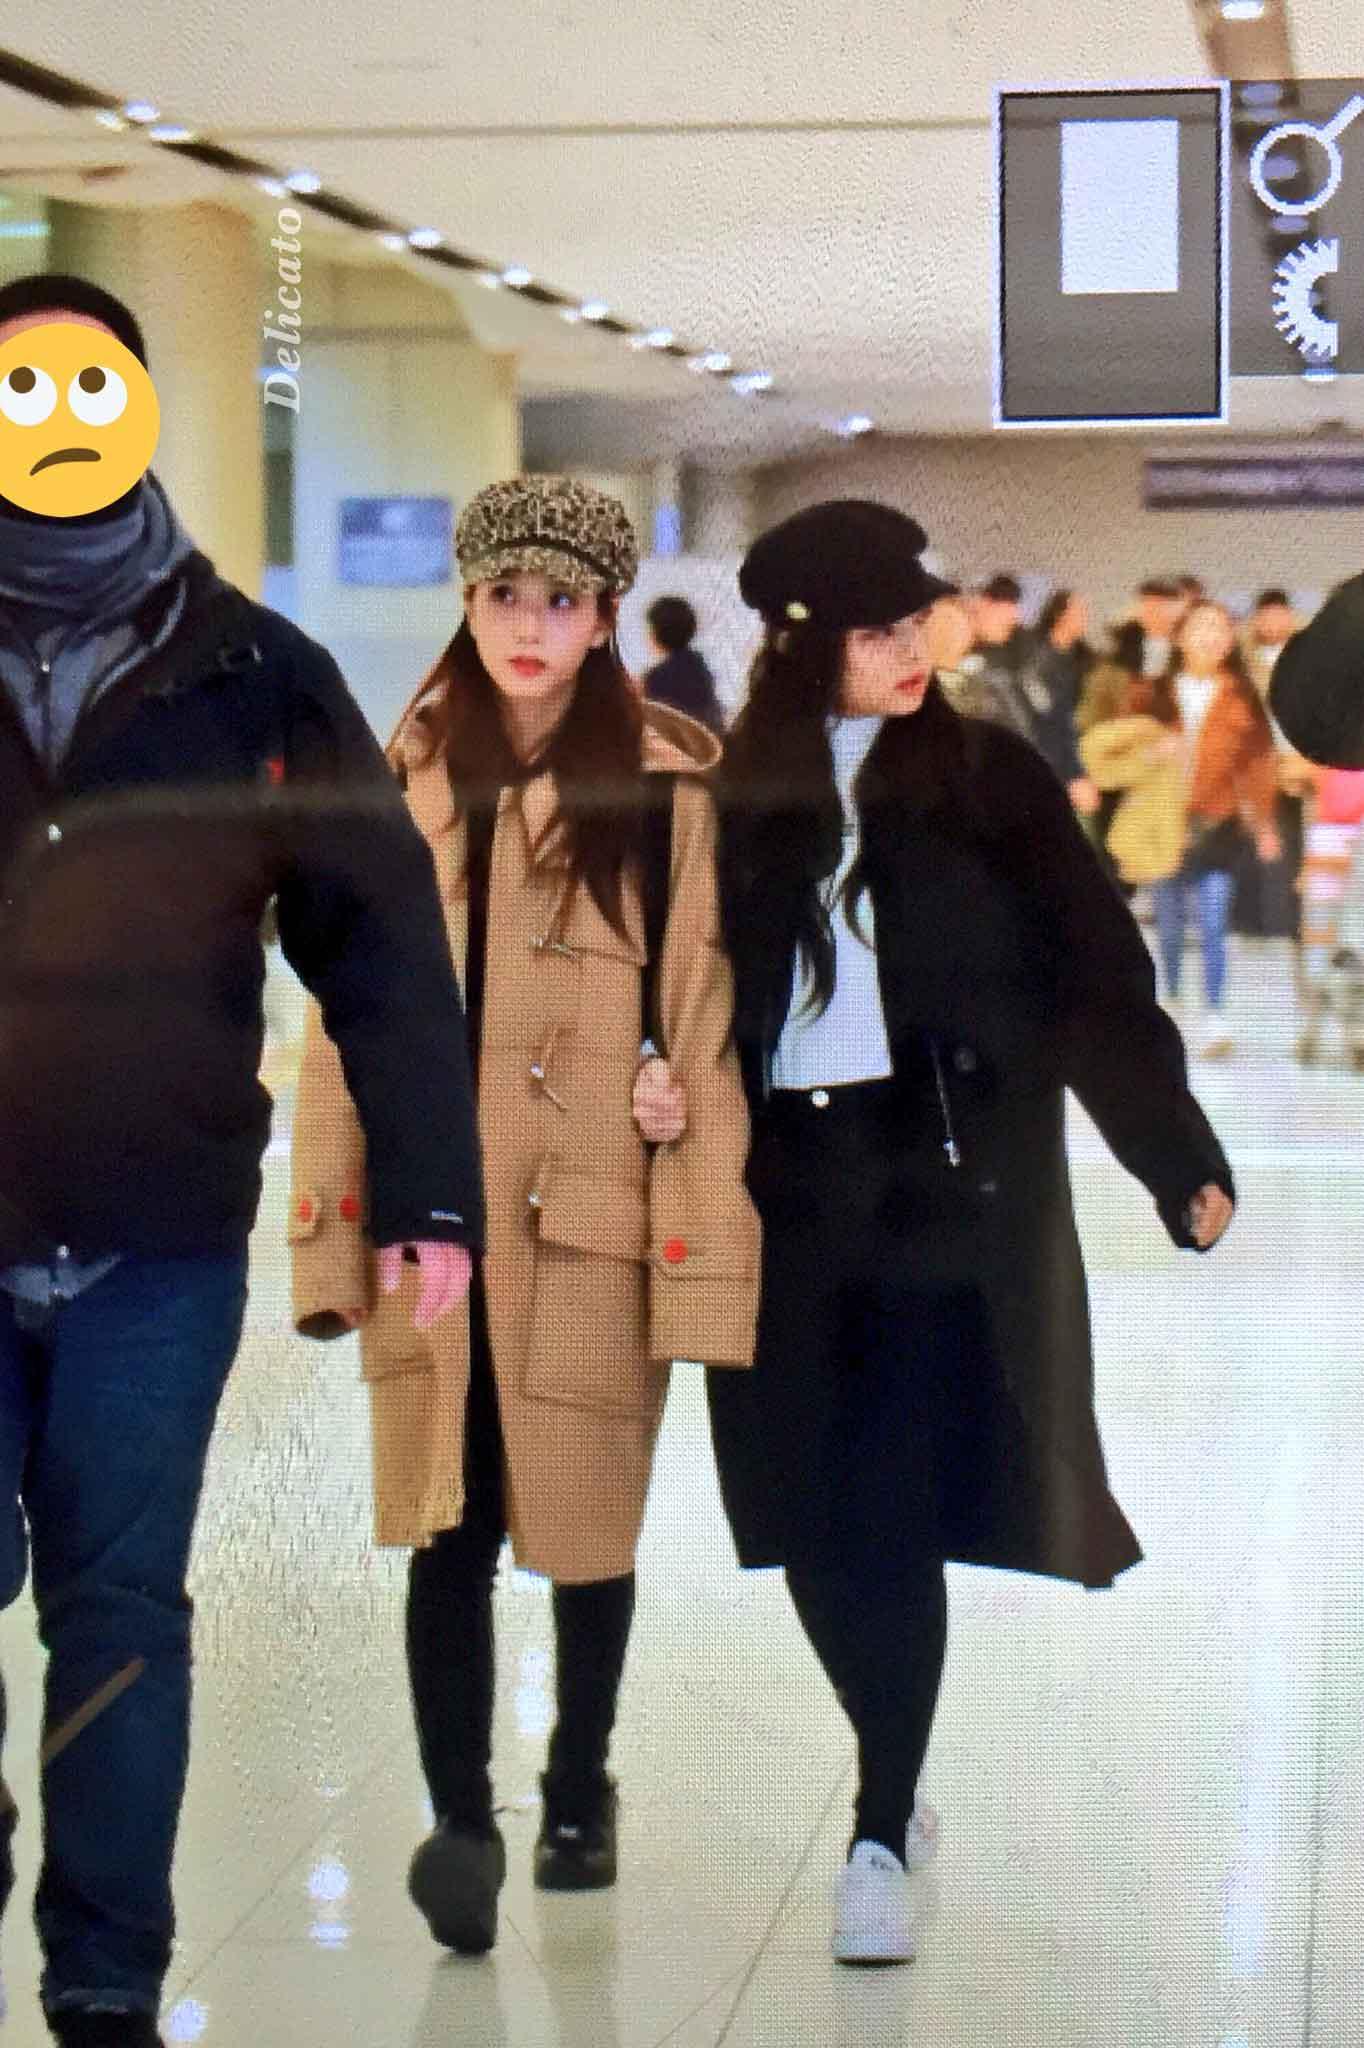 Blackpink Jisoo Jennie Winter Airport Style From Jeju Island